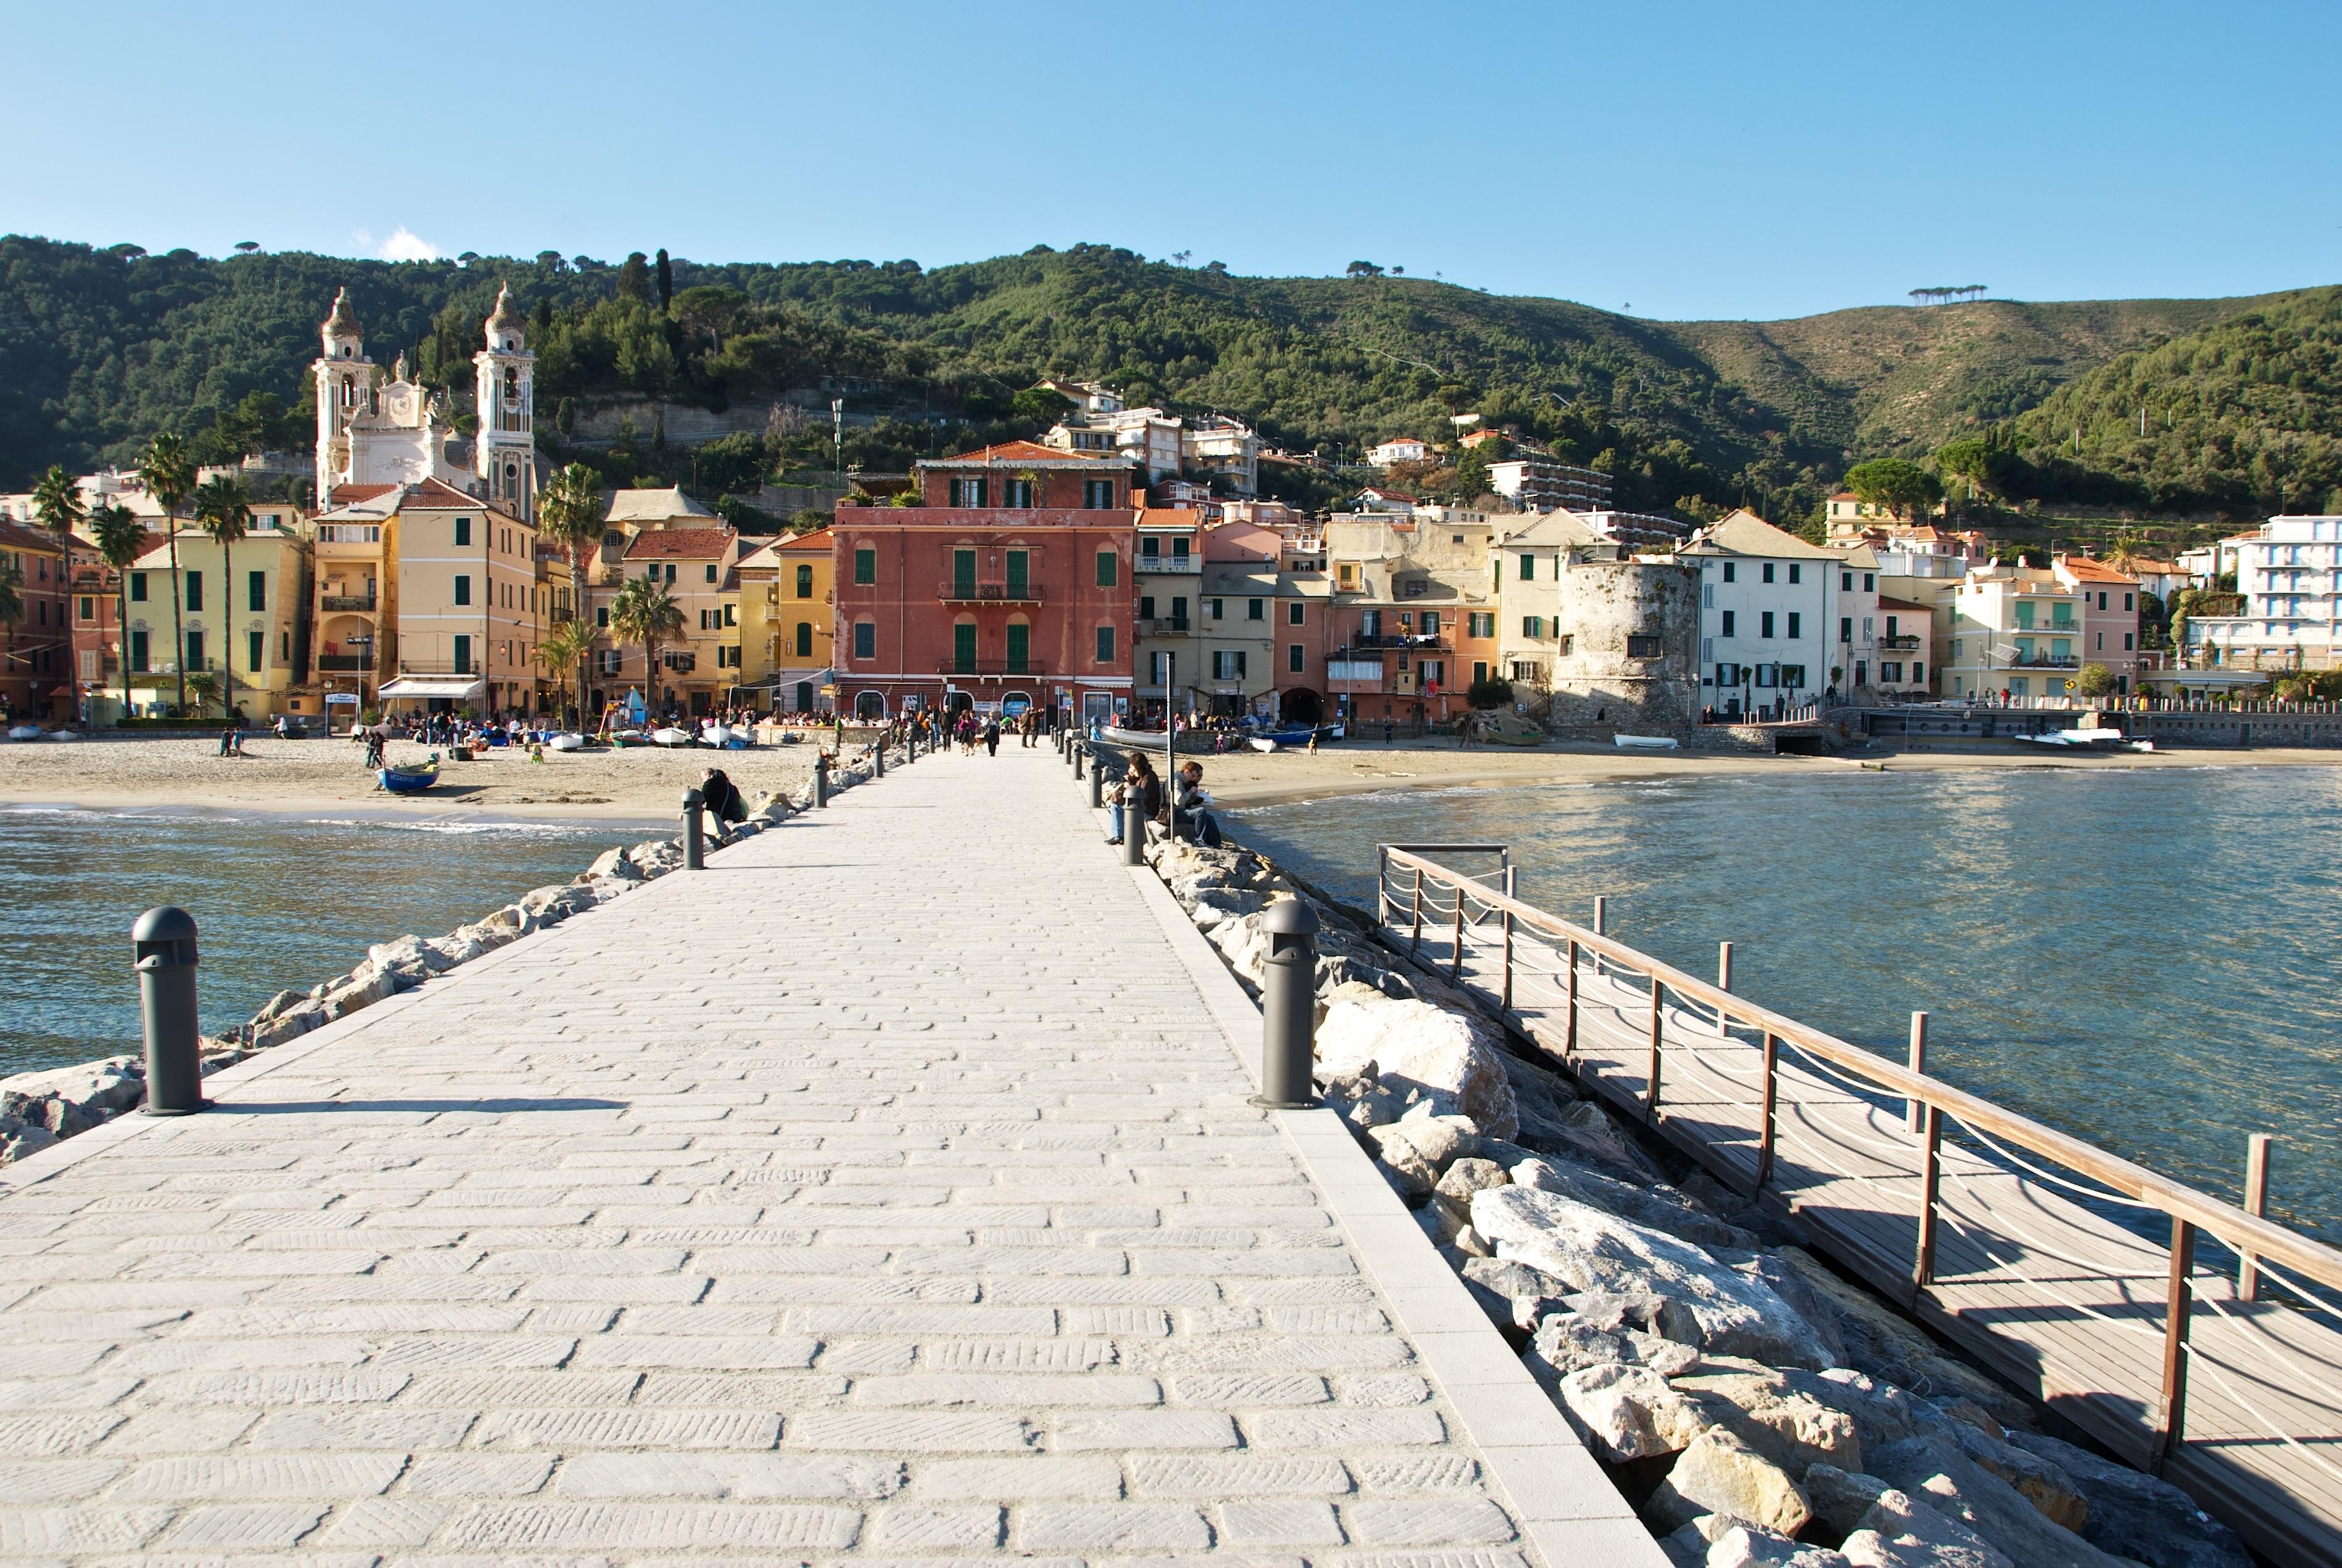 Toirano, Liguria, Italy